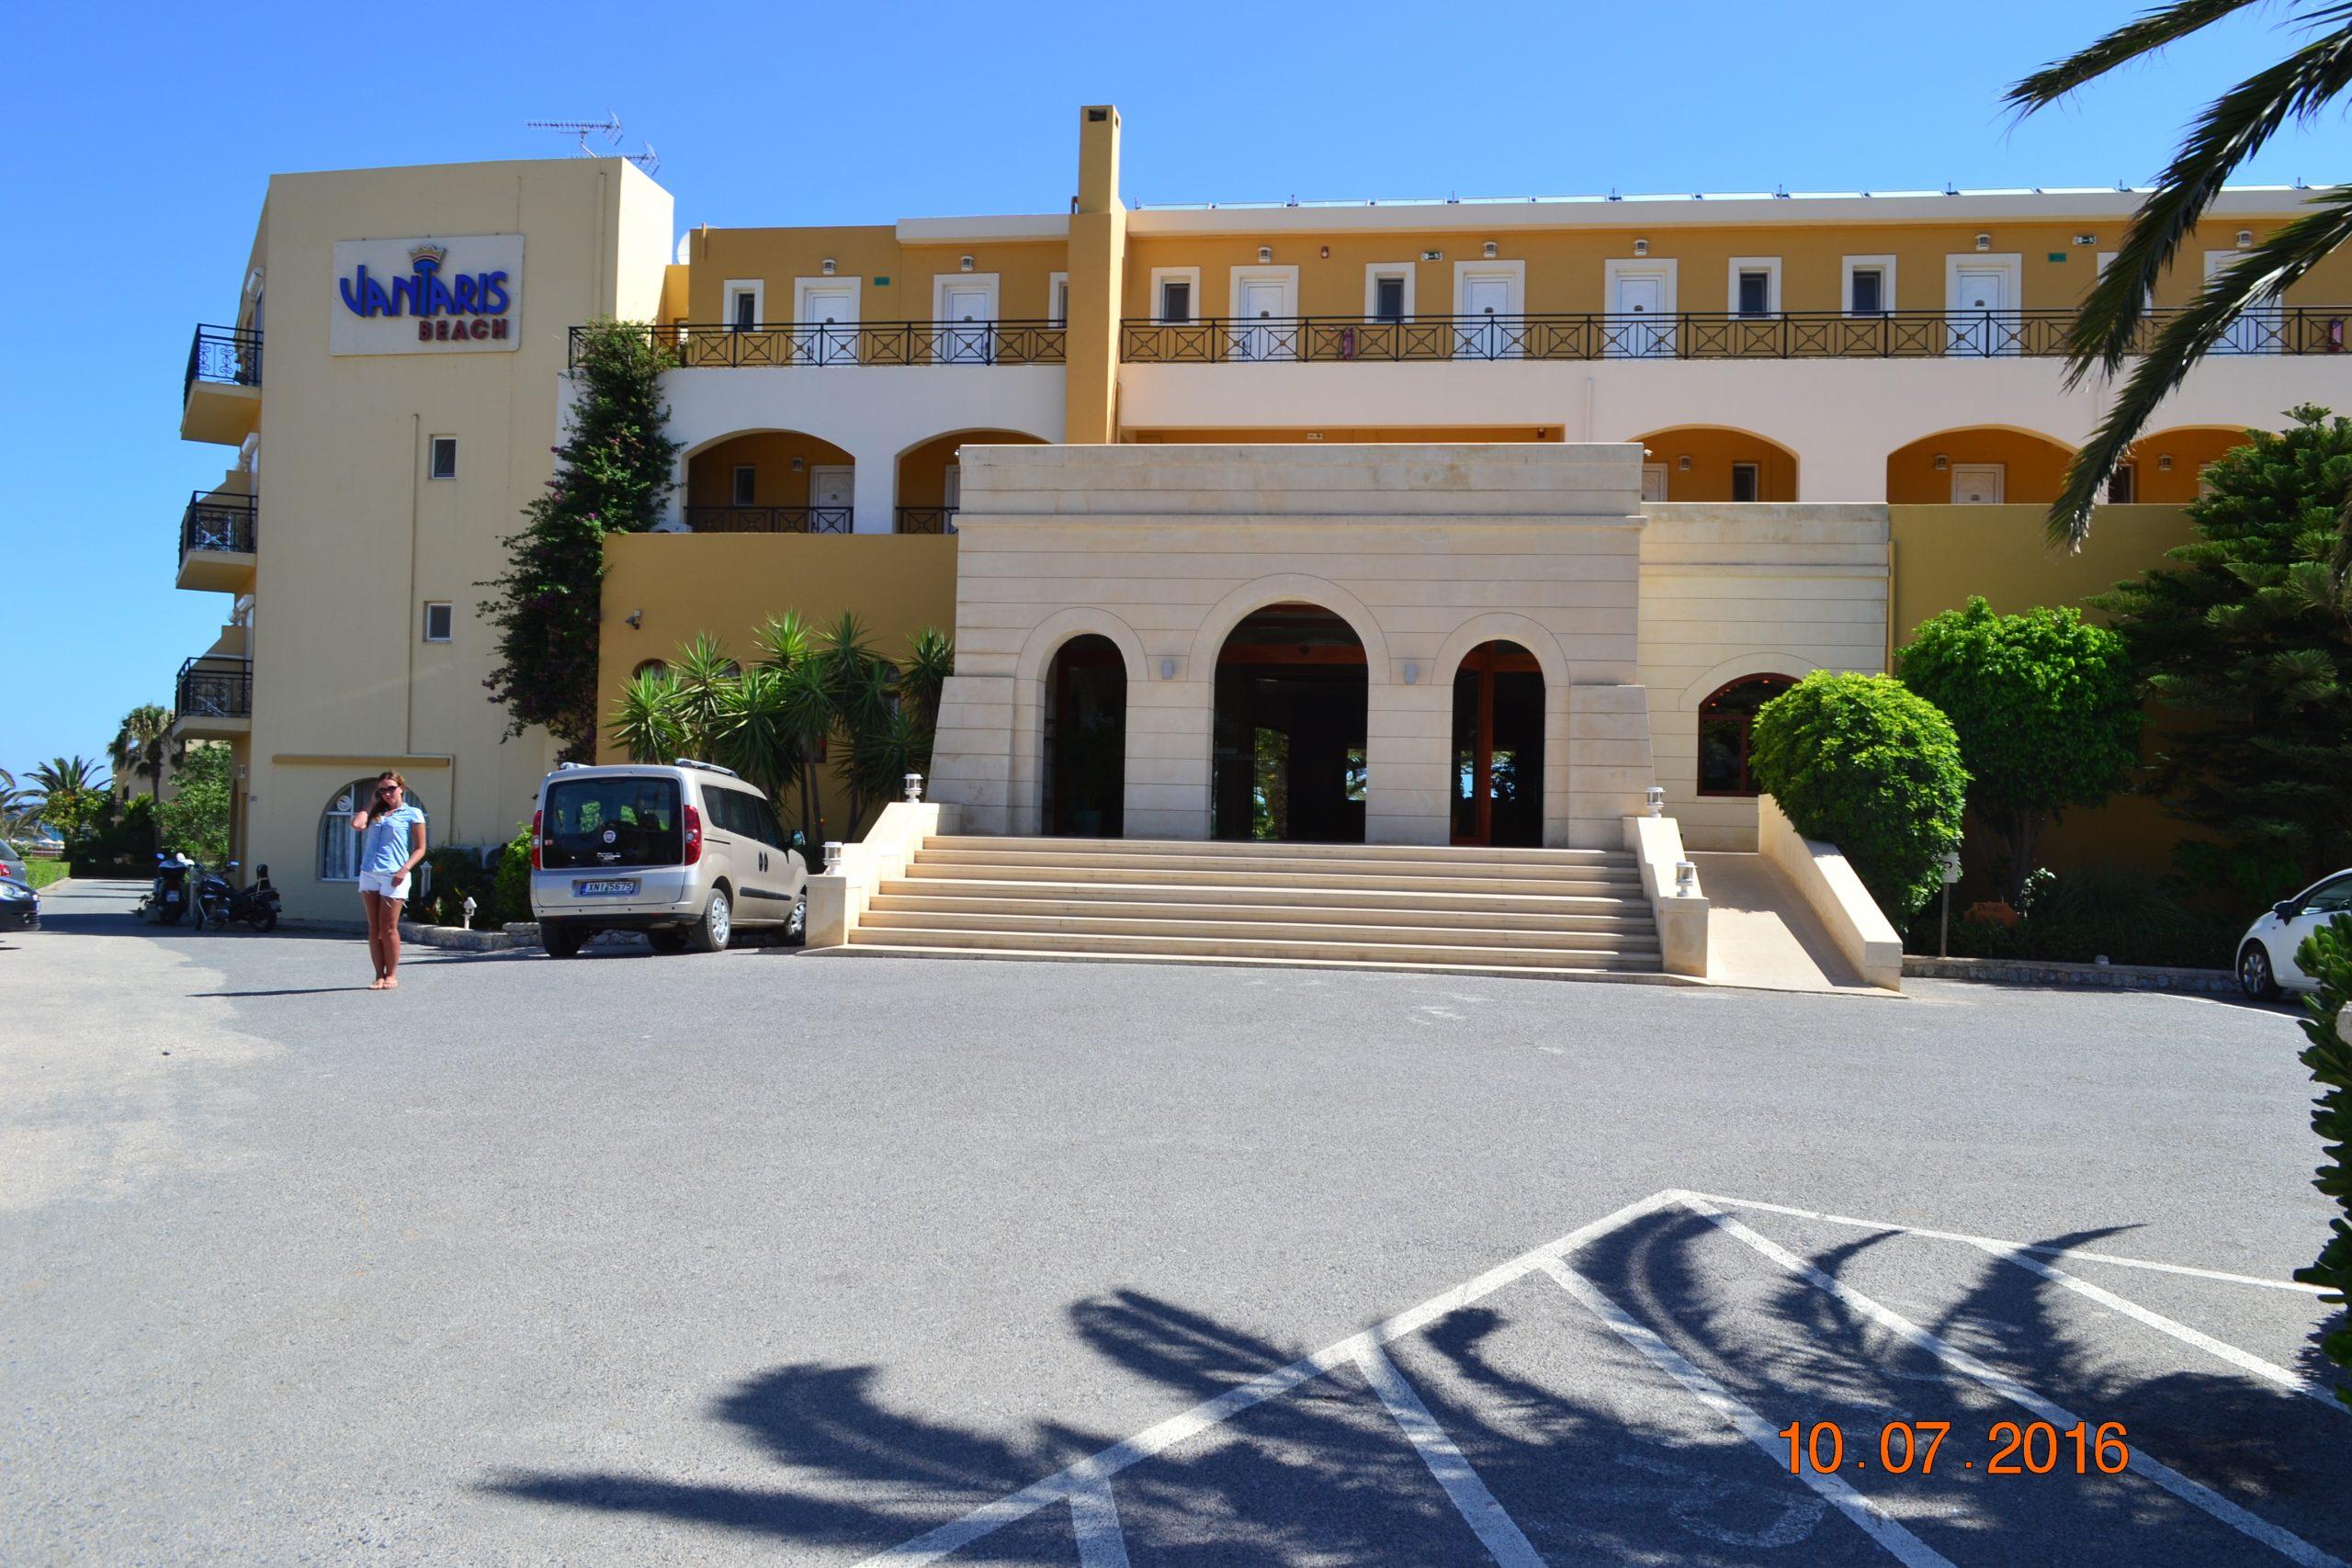 Отель Vantaris Beach 4* (Крит, Греция)